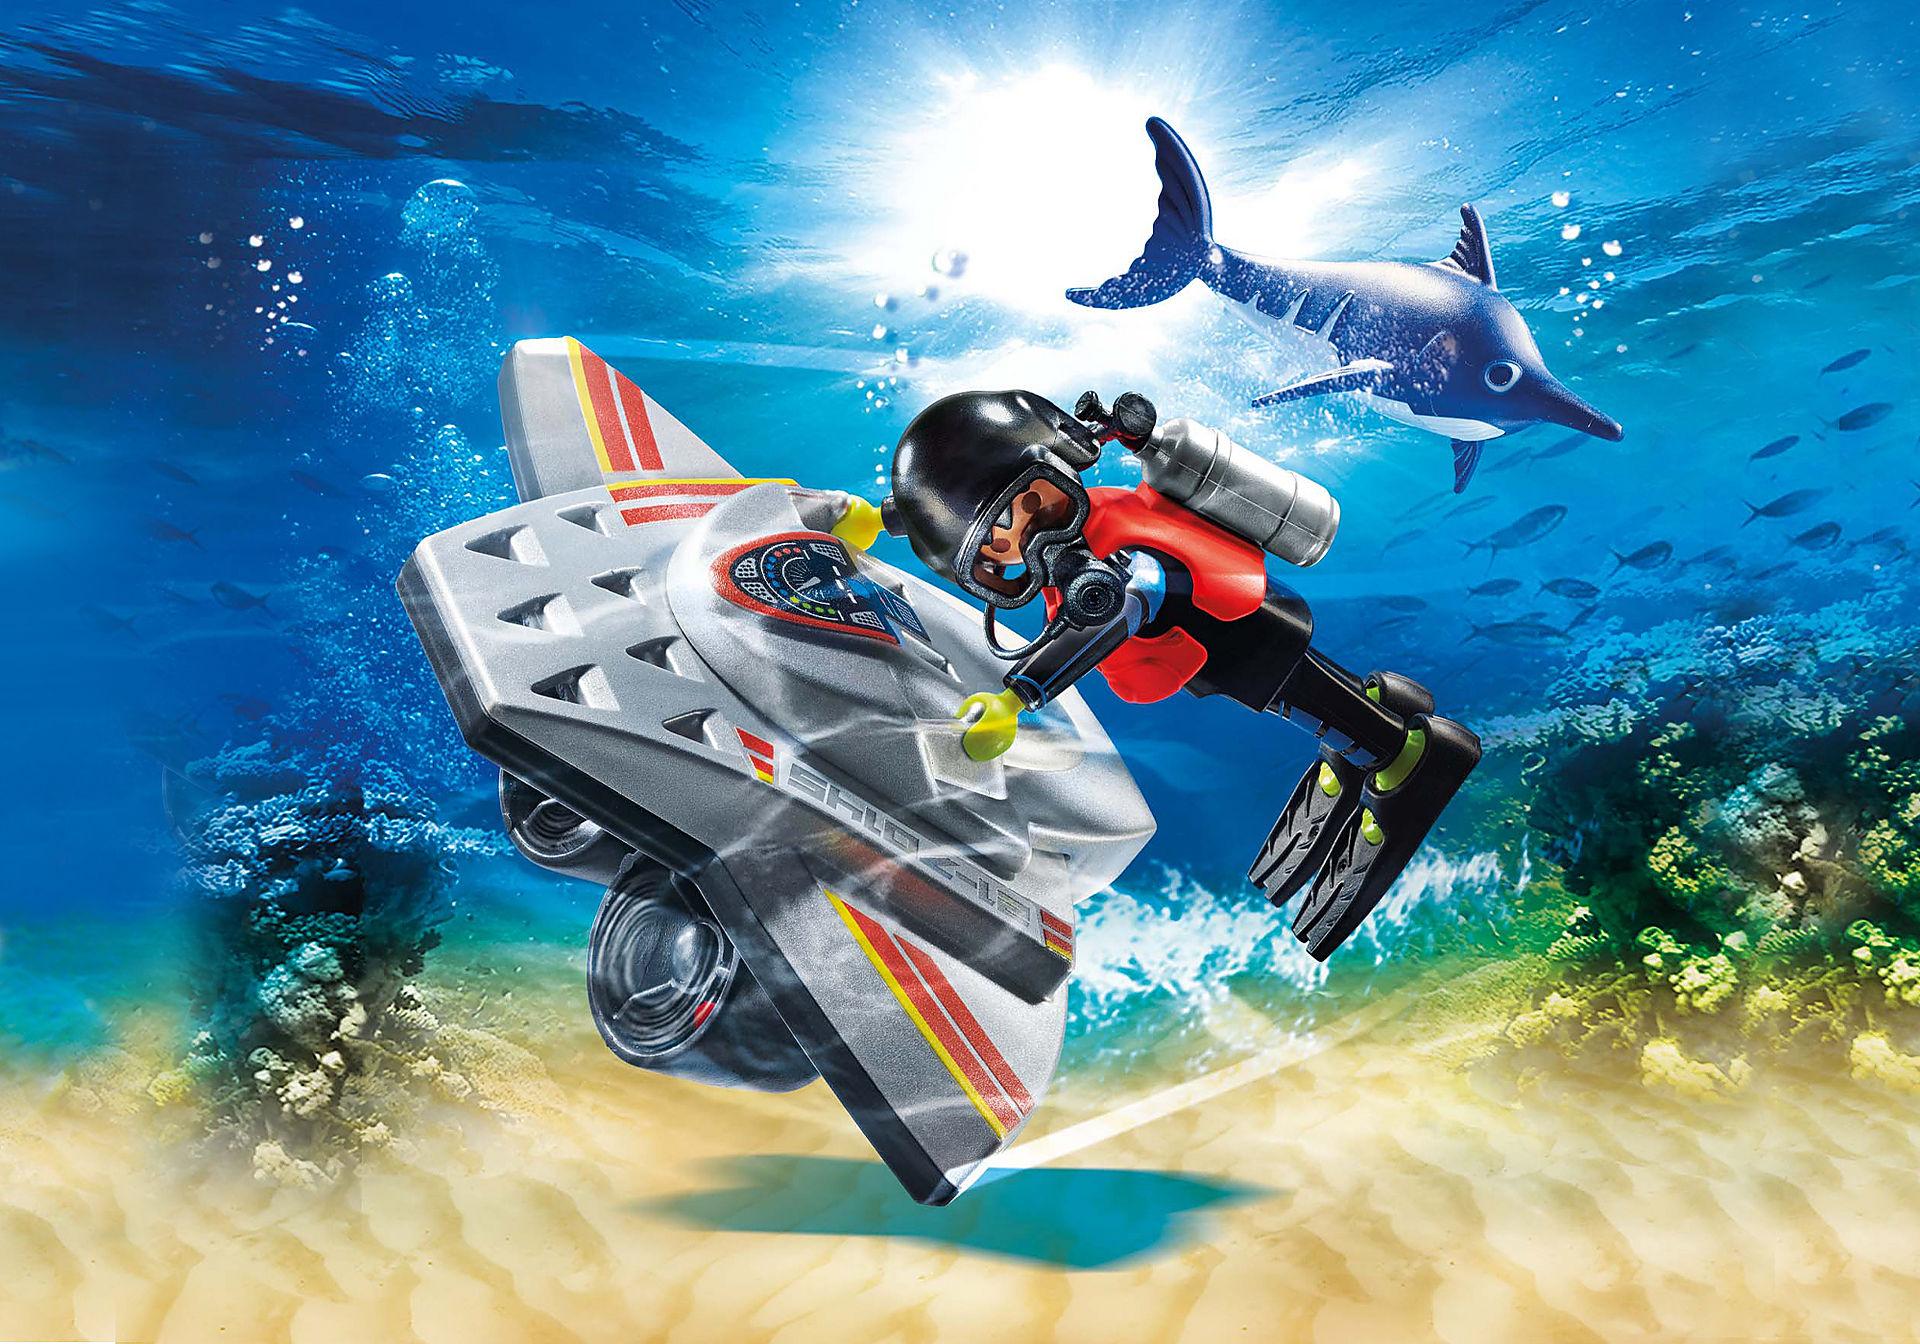 70145 Motore subacqueo della Guardia Costiera zoom image1